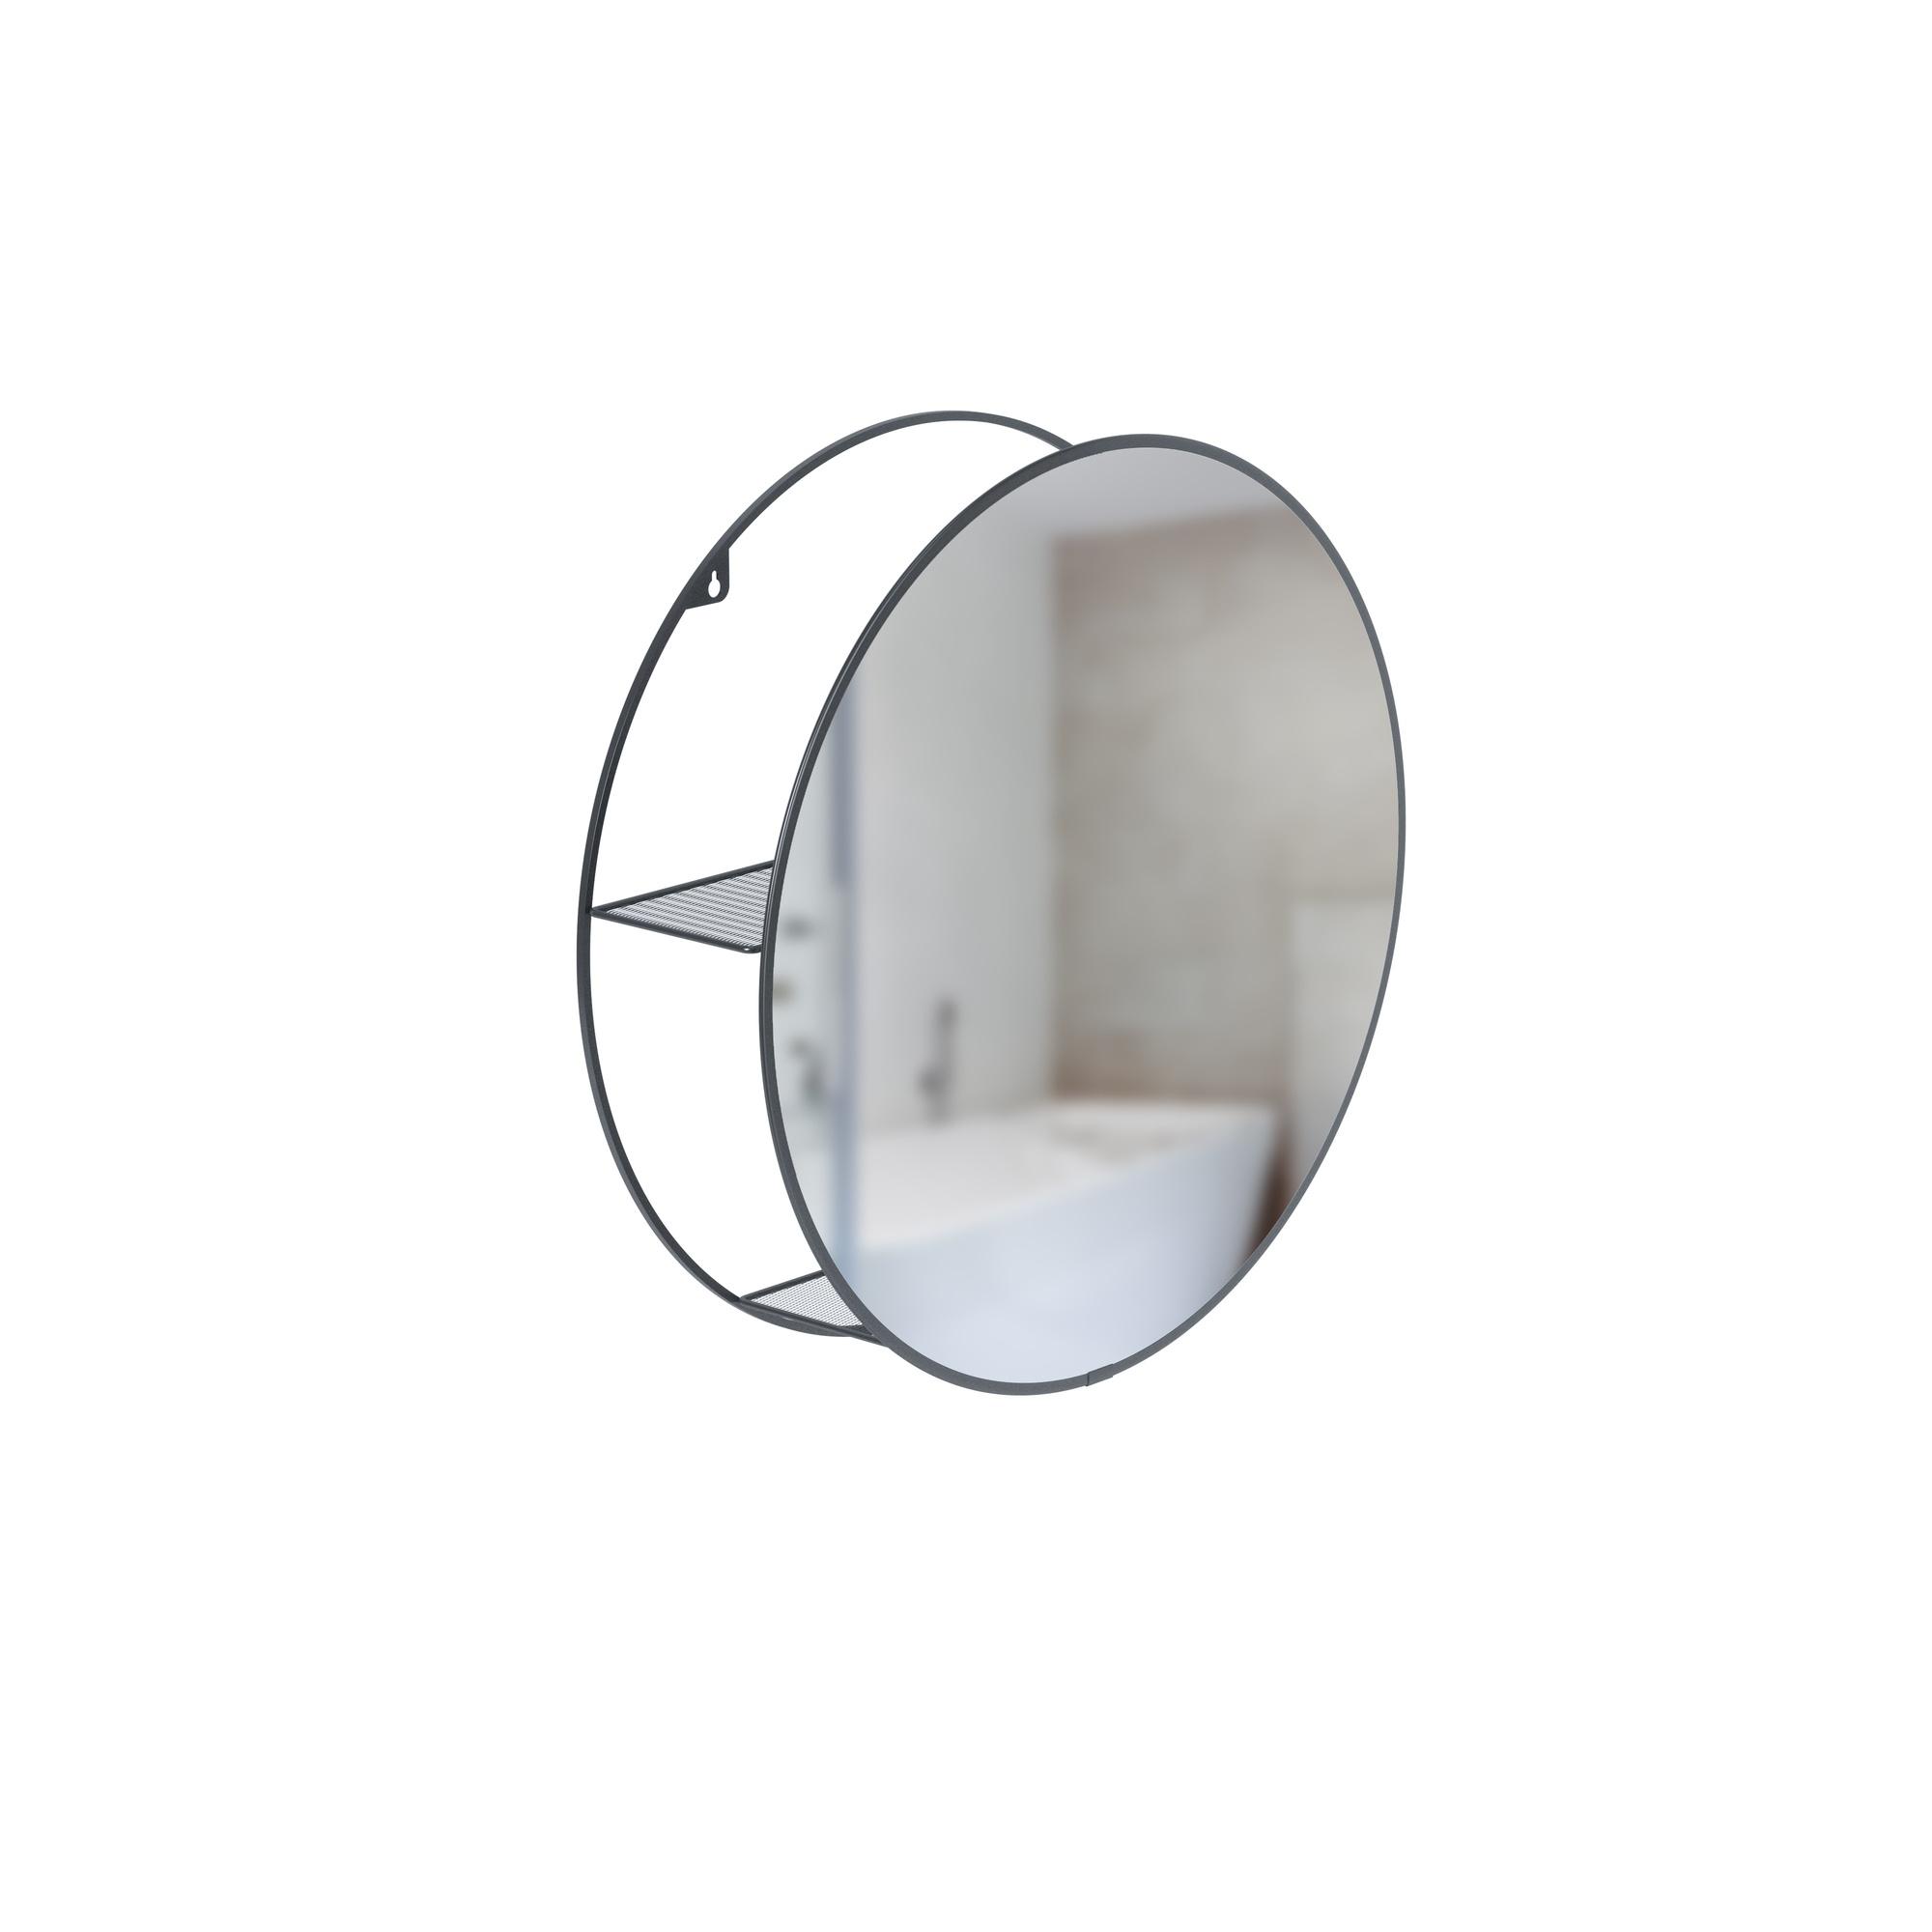 Cirko Mirror and Storage Unit Spiegel mit Aufbewahrung Umbra